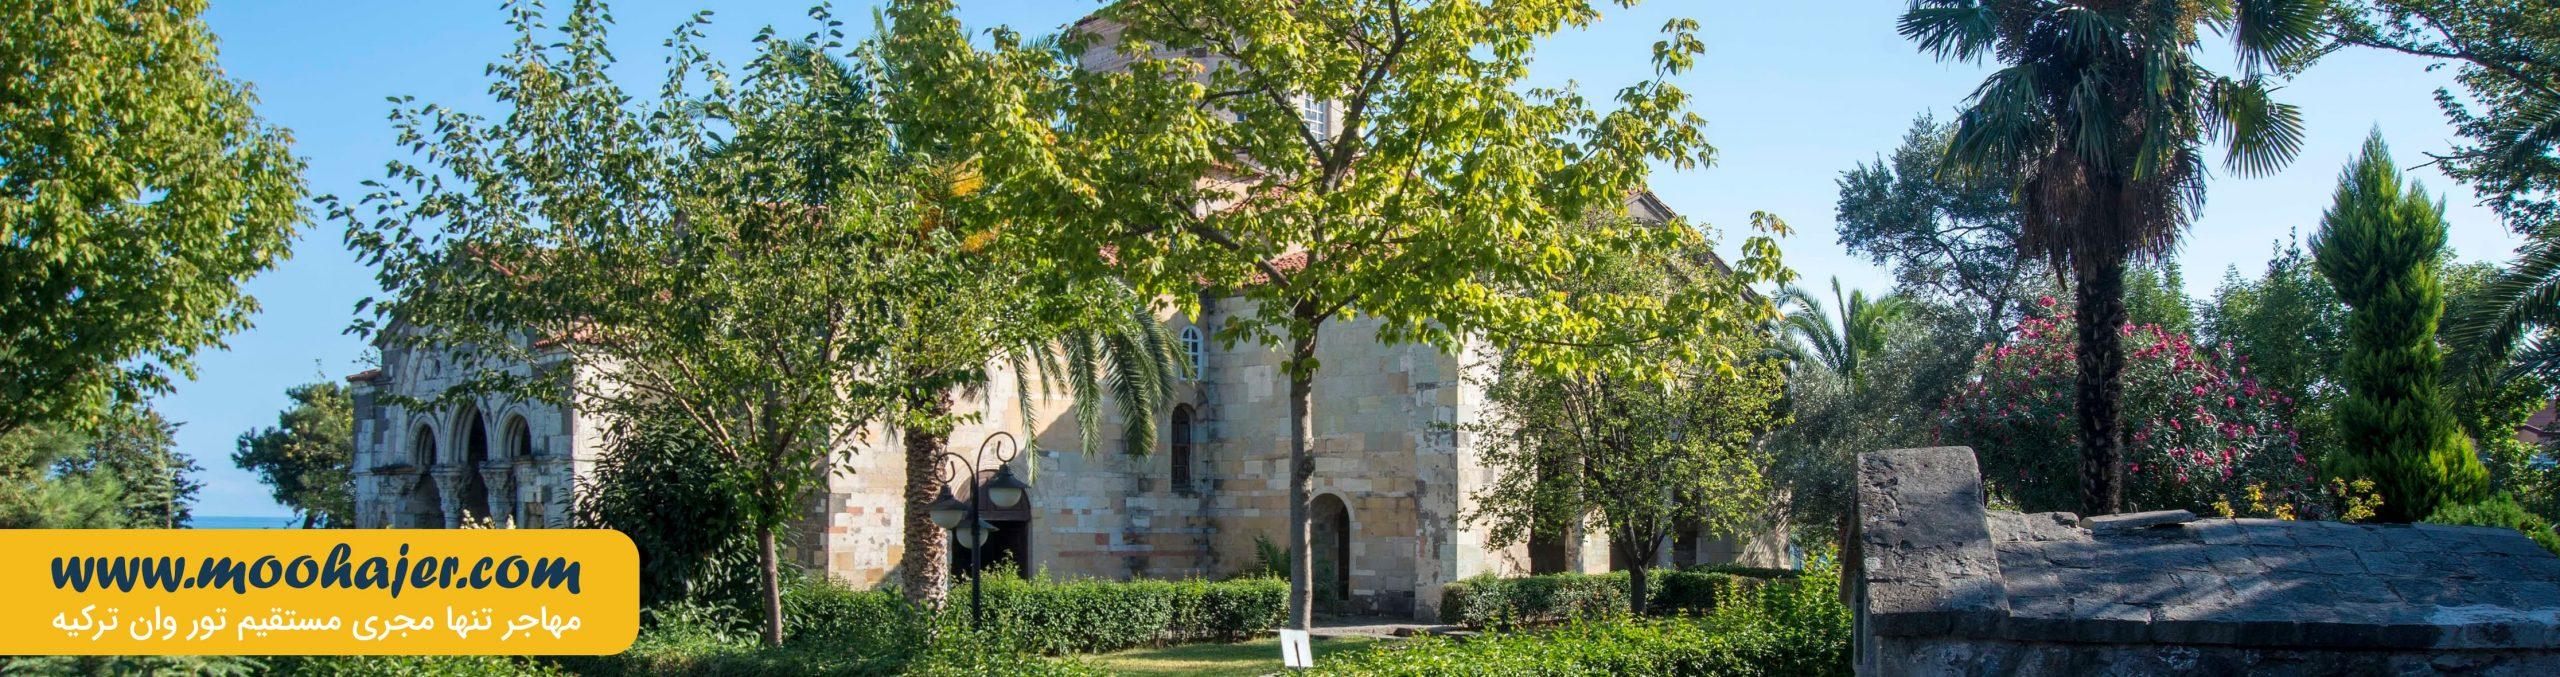 ایاصوفیه ترابزون | ayasofya museum trabzon | تور ترابزون | مهاجر سیر ایرانیان